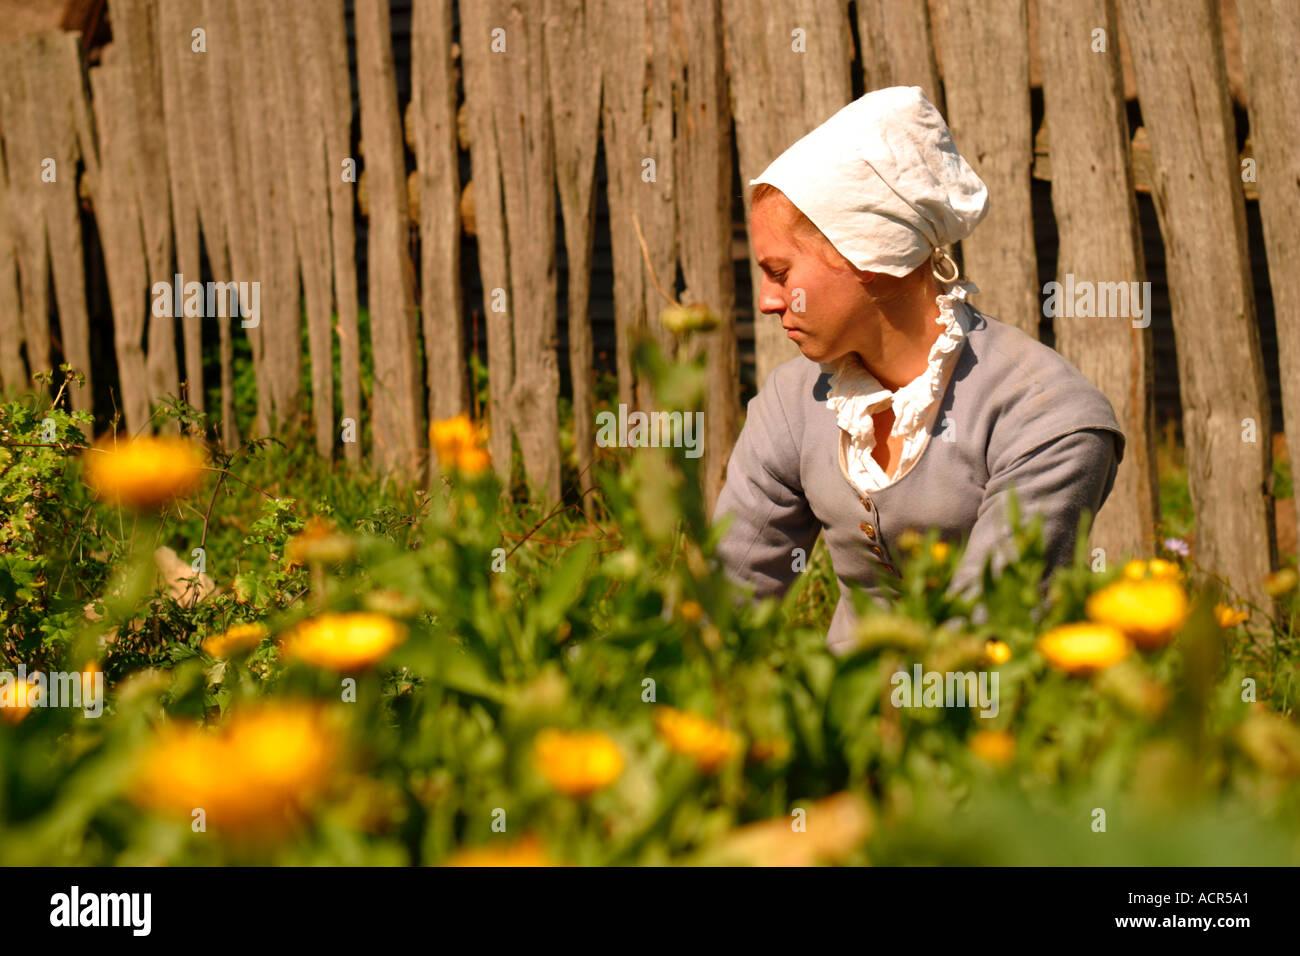 Woman Tending Garden Plimouth Plantation Stock Photos & Woman ...